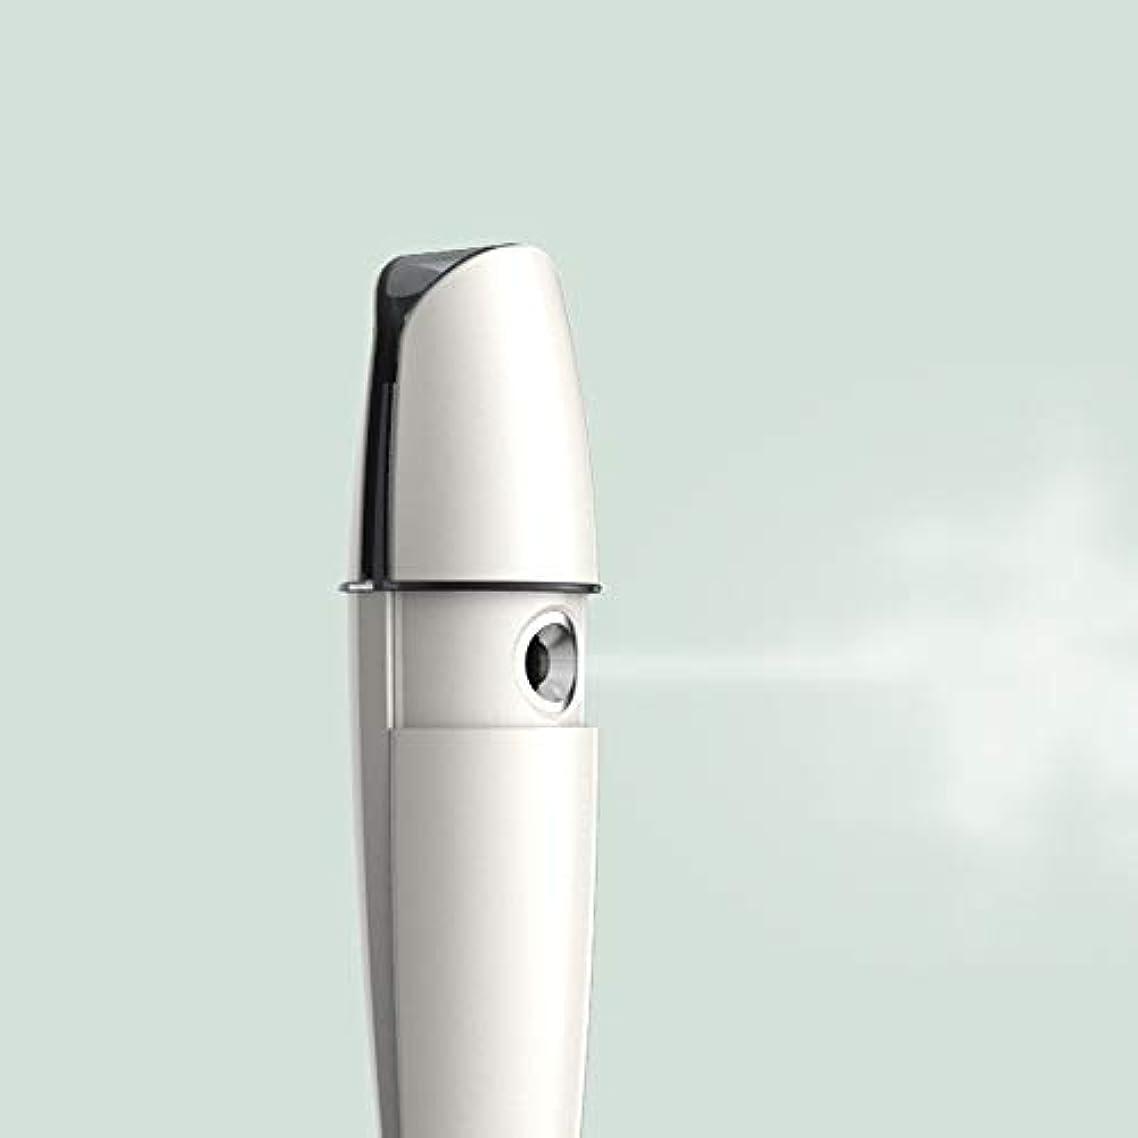 気づくめ言葉そこZXF 充電式コールドスプレー機家庭用スチームフェイス美容機器ナノスプレーフェイス加湿水道メーターホワイトABS素材 滑らかである